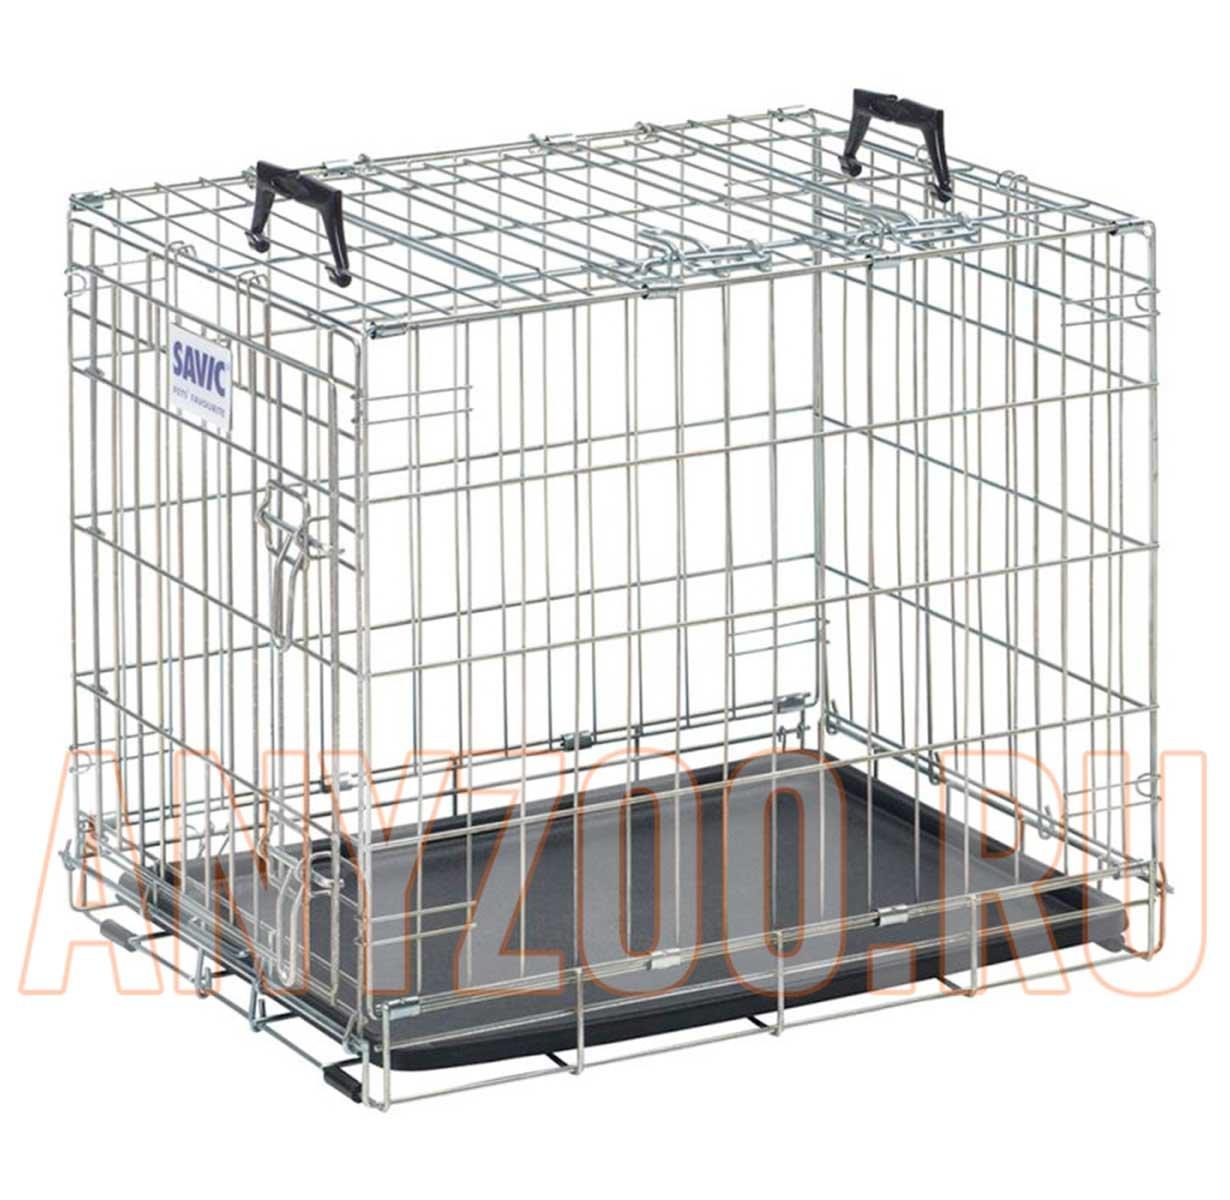 Savic Клетка для транспортировки животных, хром 91*57*62см ( Клетки, вольеры для собак )